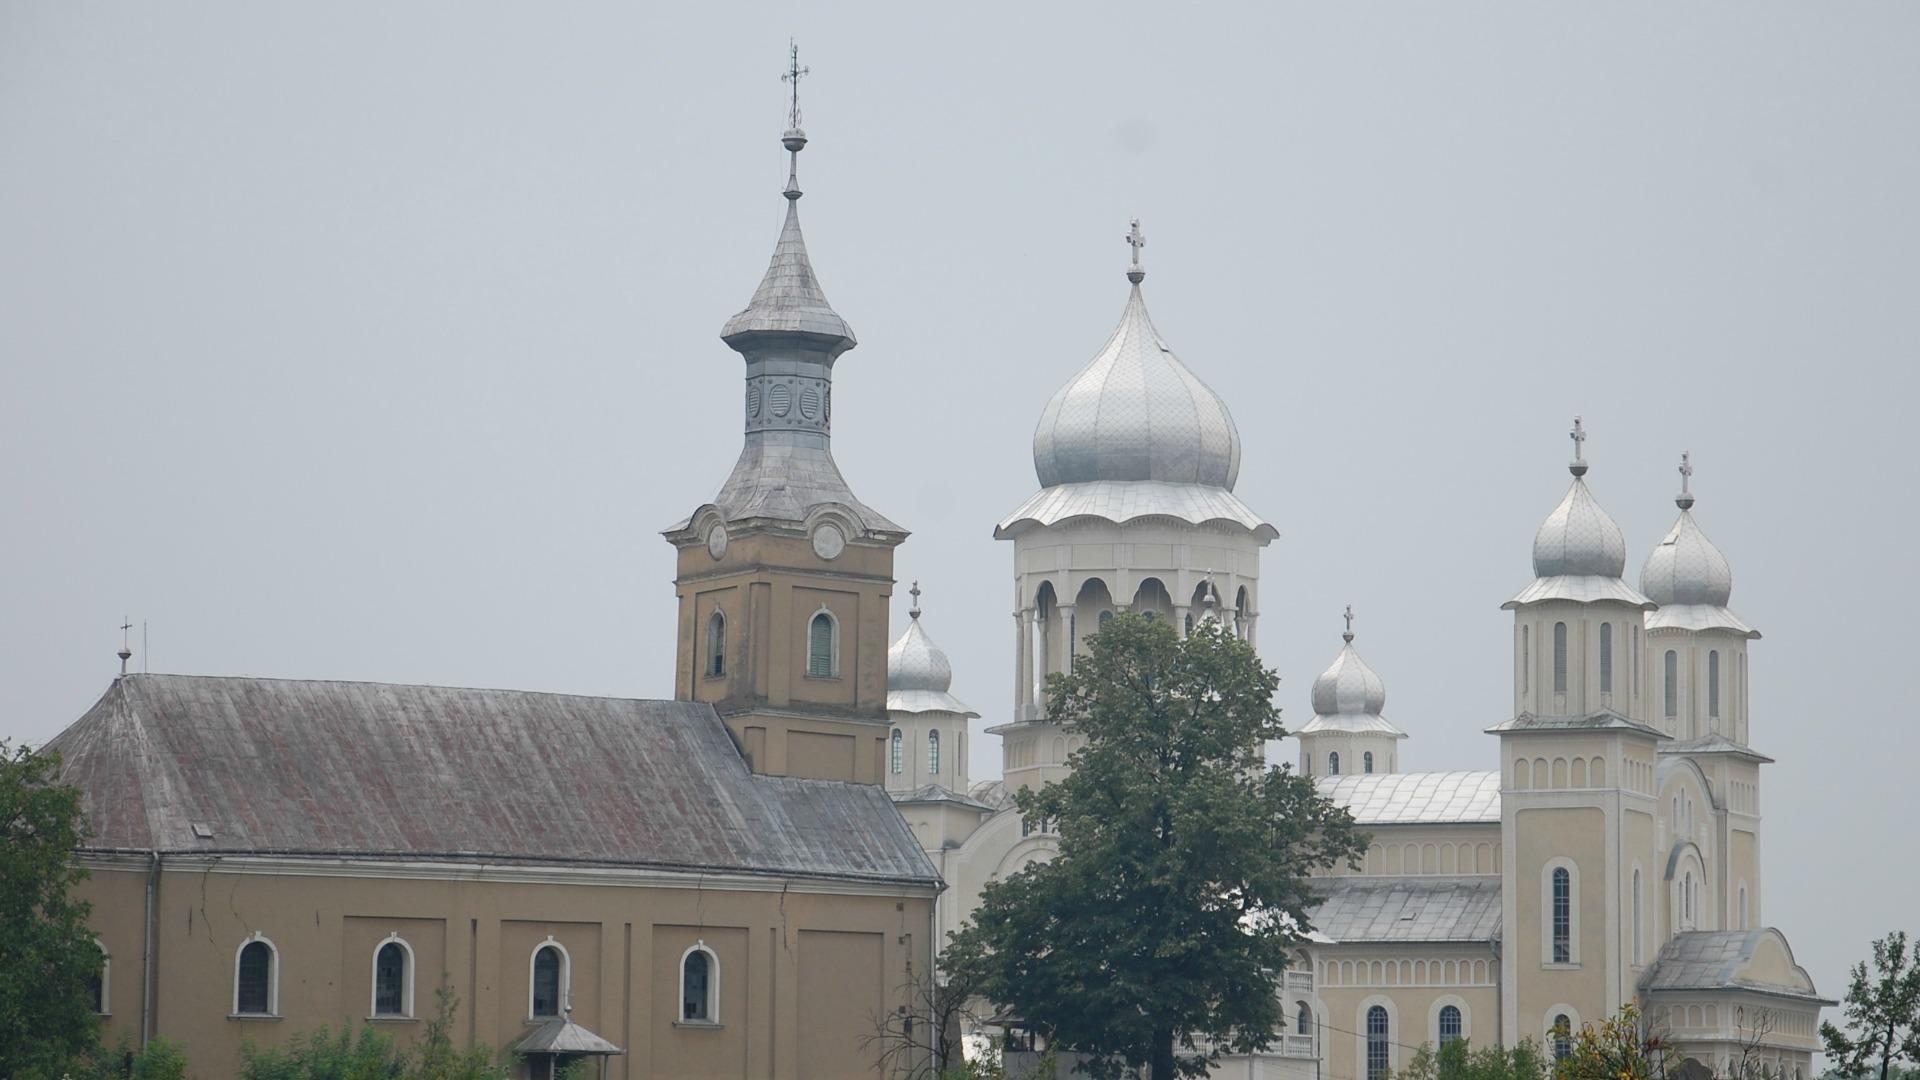 La Roumanie recevra la visite du pape François du 31 mai au 2 juin ... b4cf0be9a75